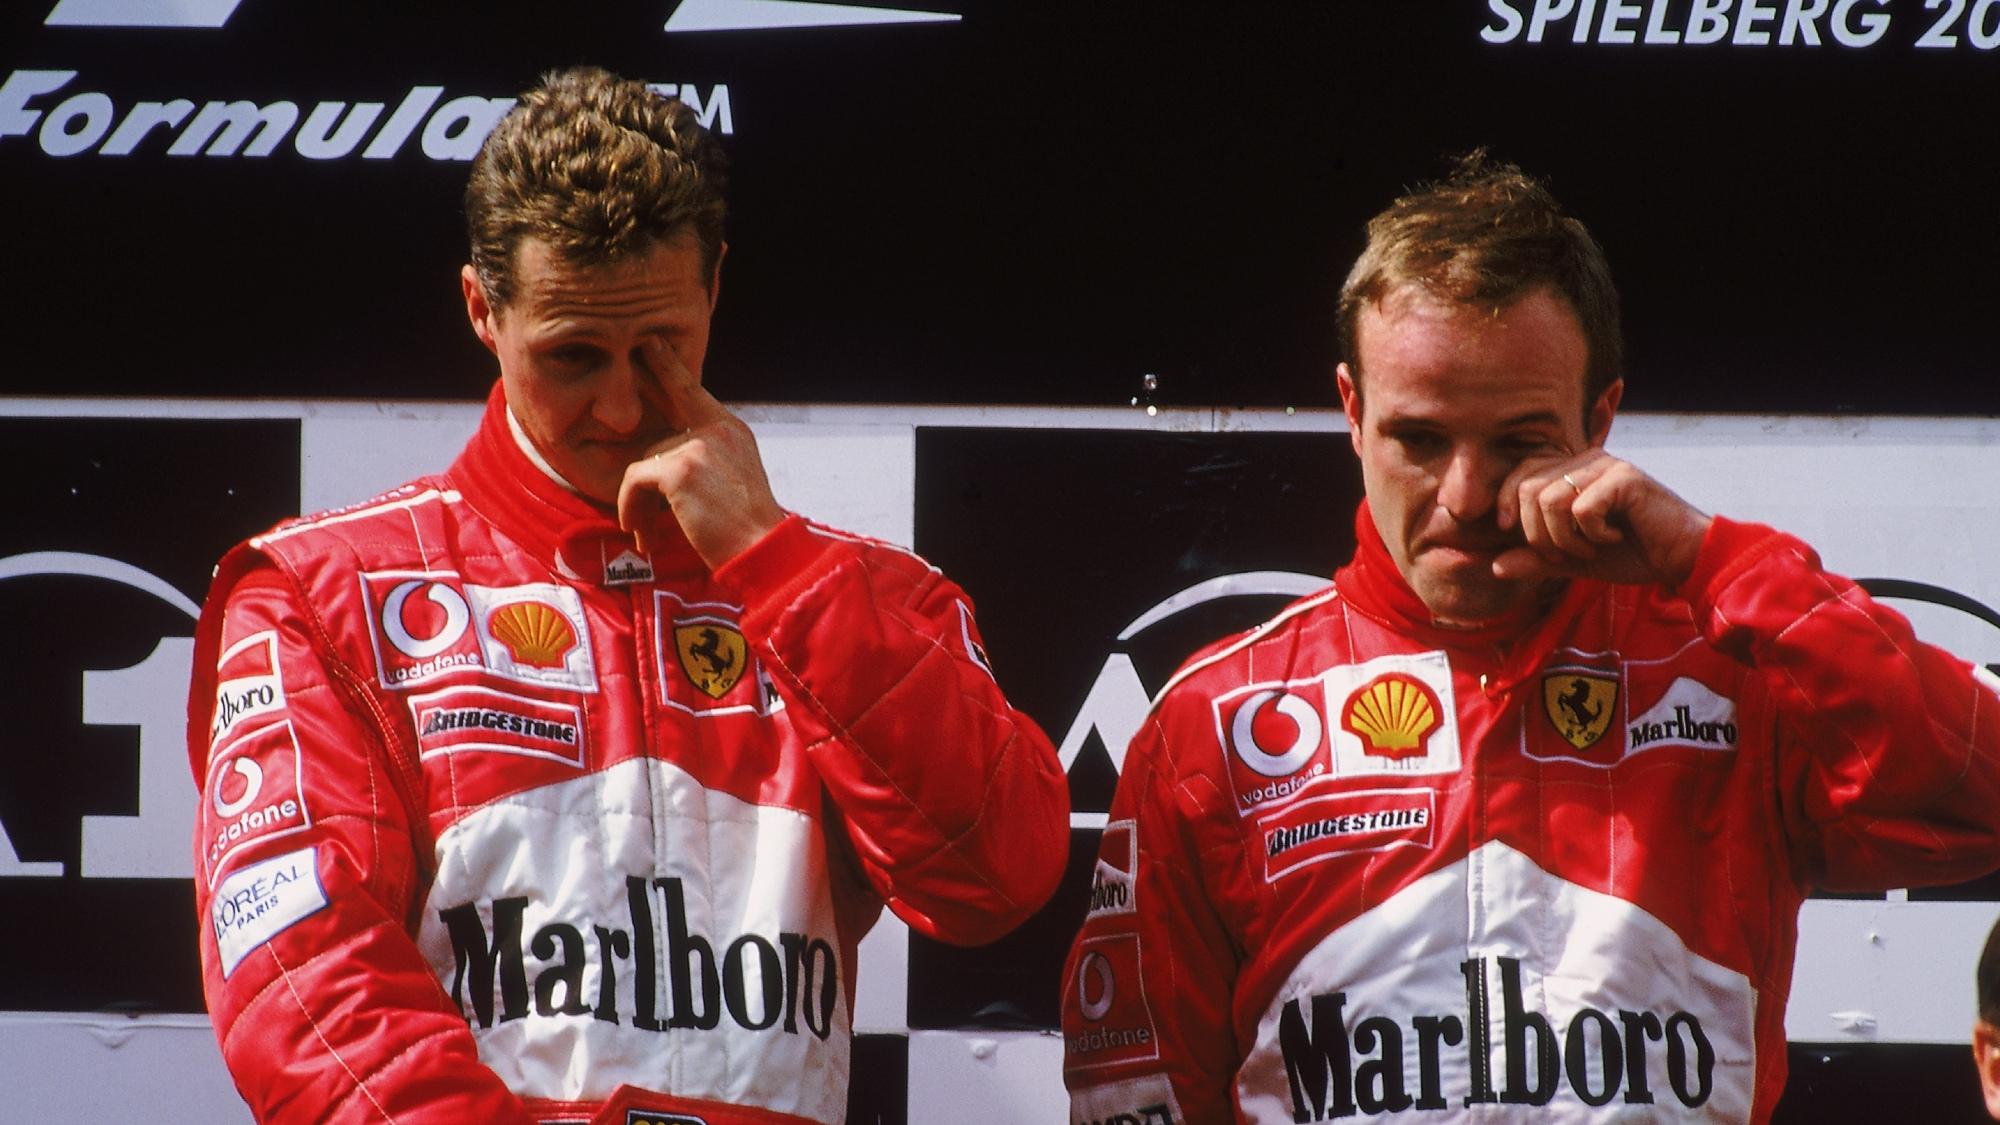 2002 Austrian GP, Ferrari